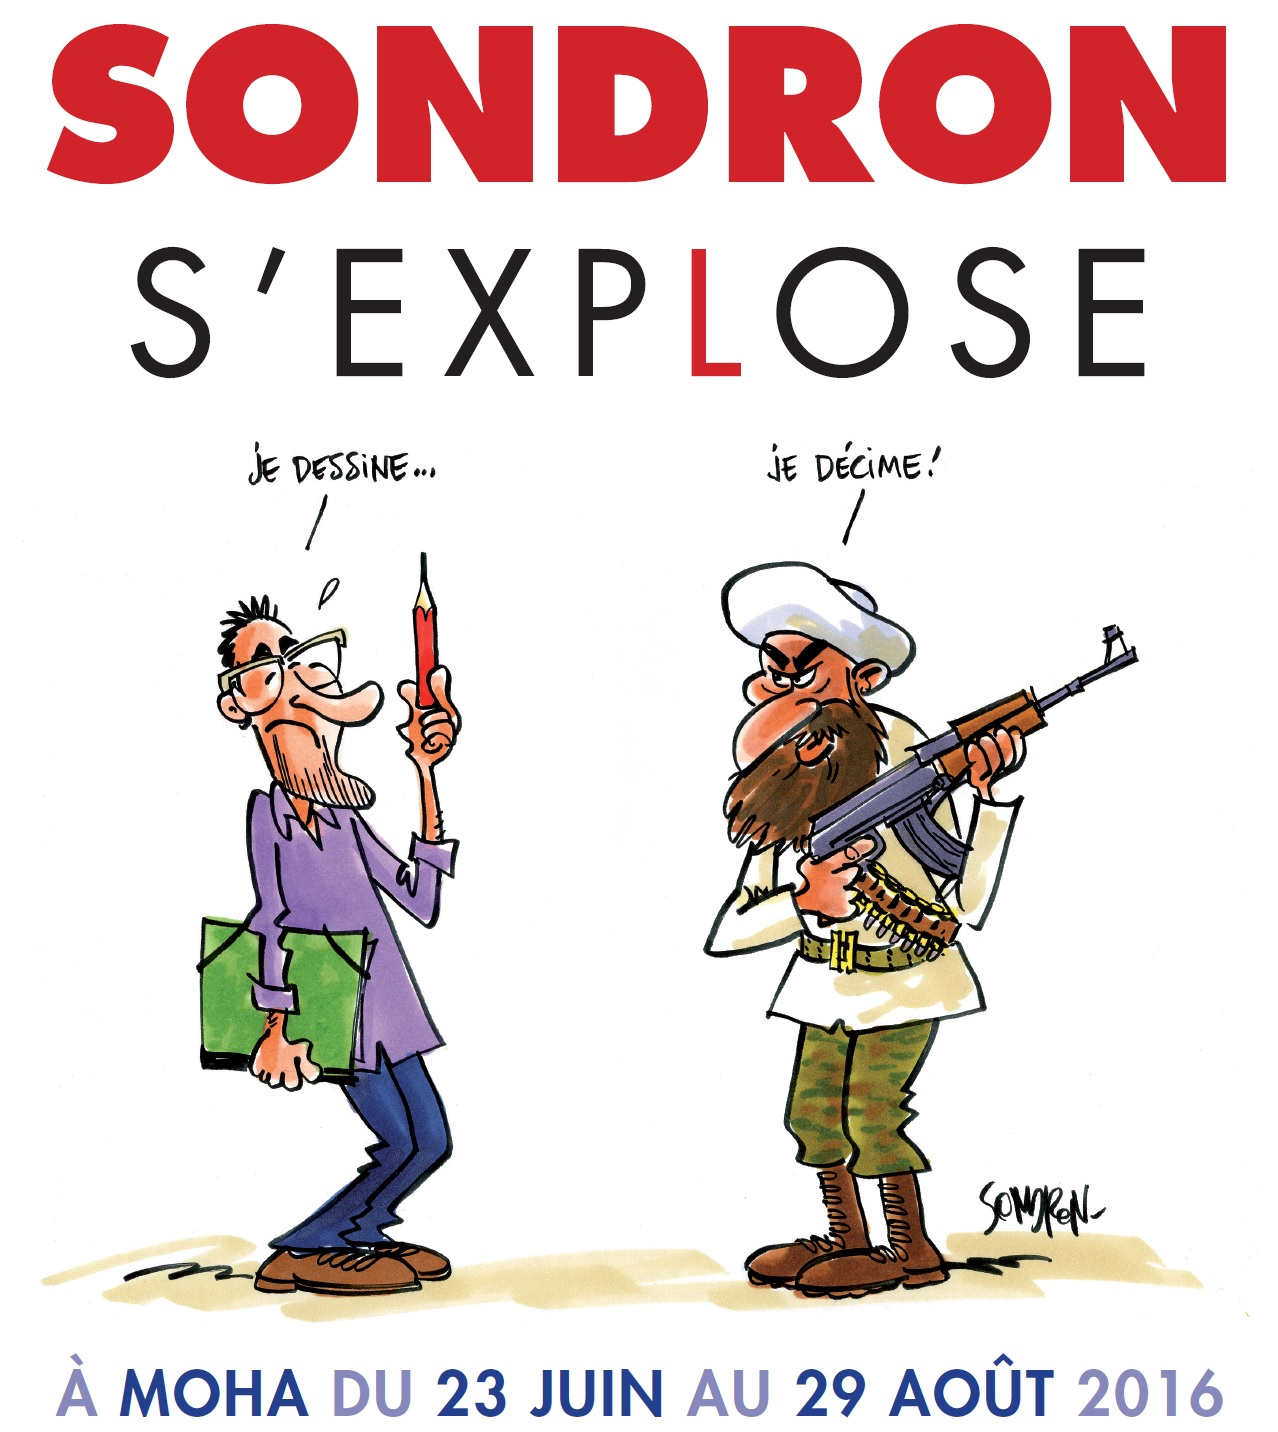 Sondron s'explose.